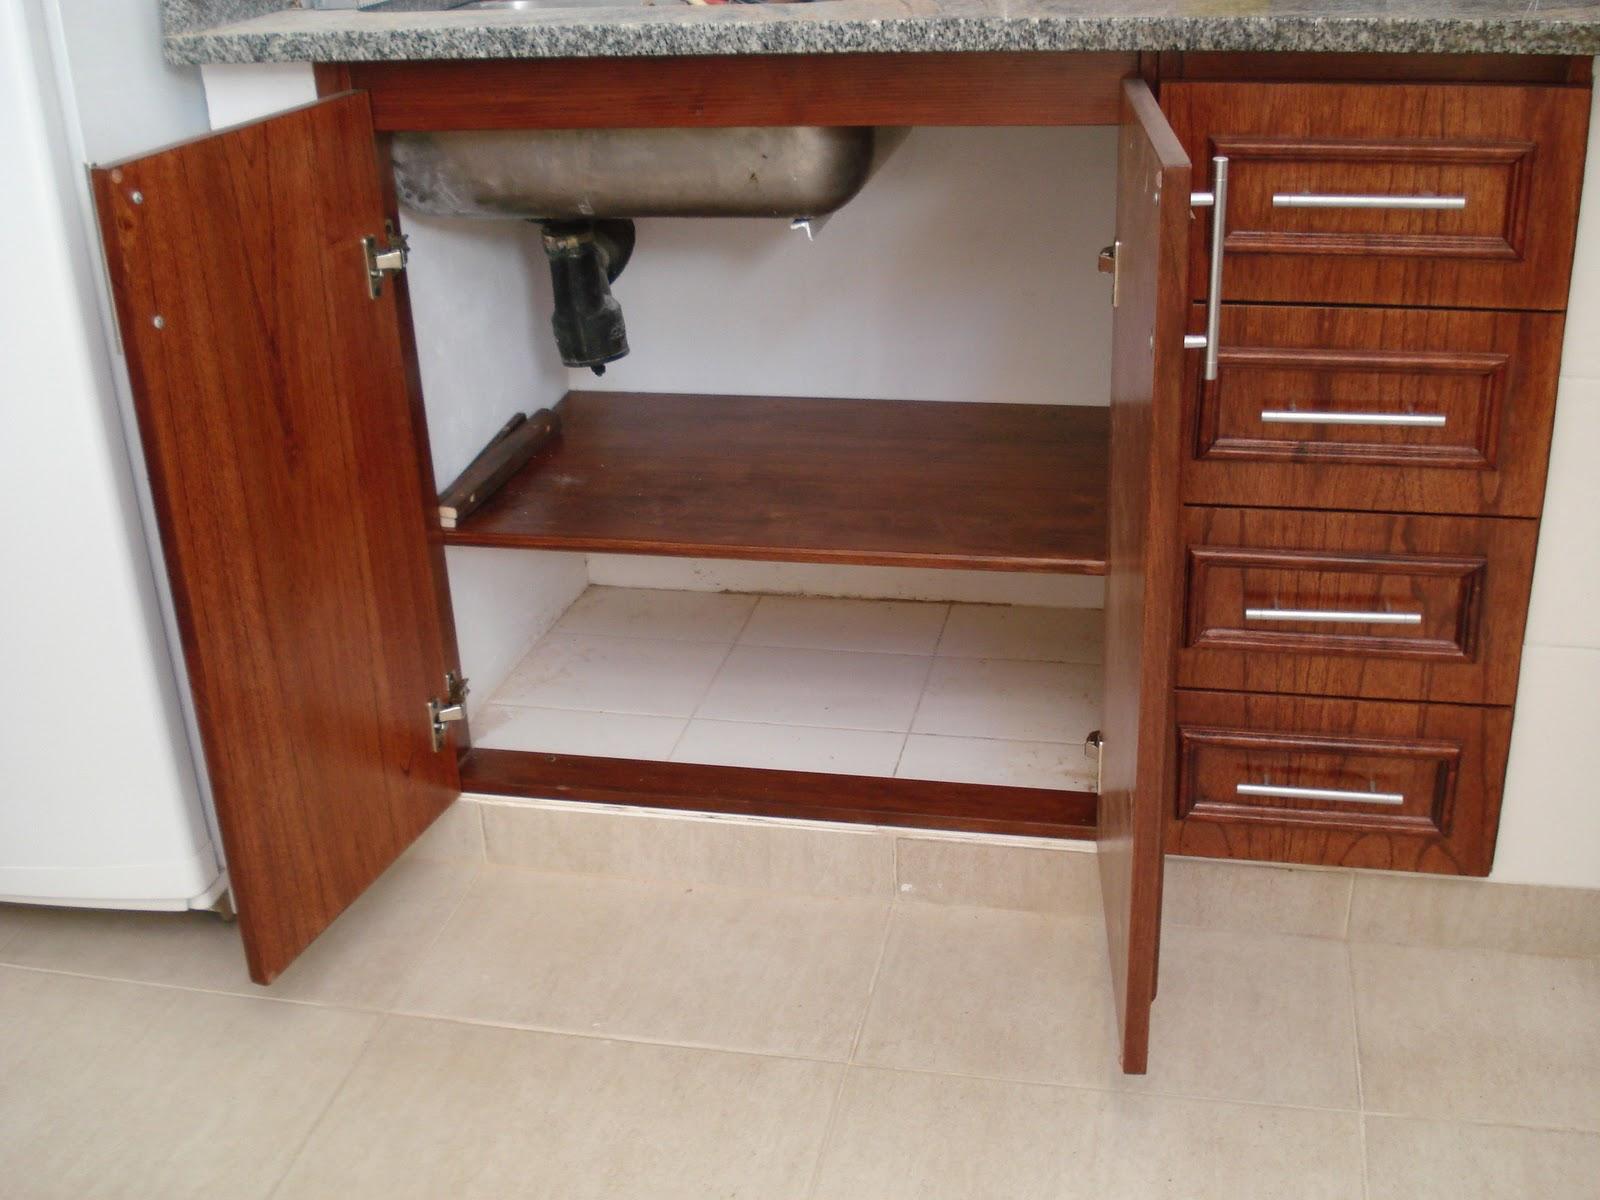 Colores muebles de cocina muebles de cocina modernos con mesadas negras with colores muebles de - Muebles de cocina lasan ...